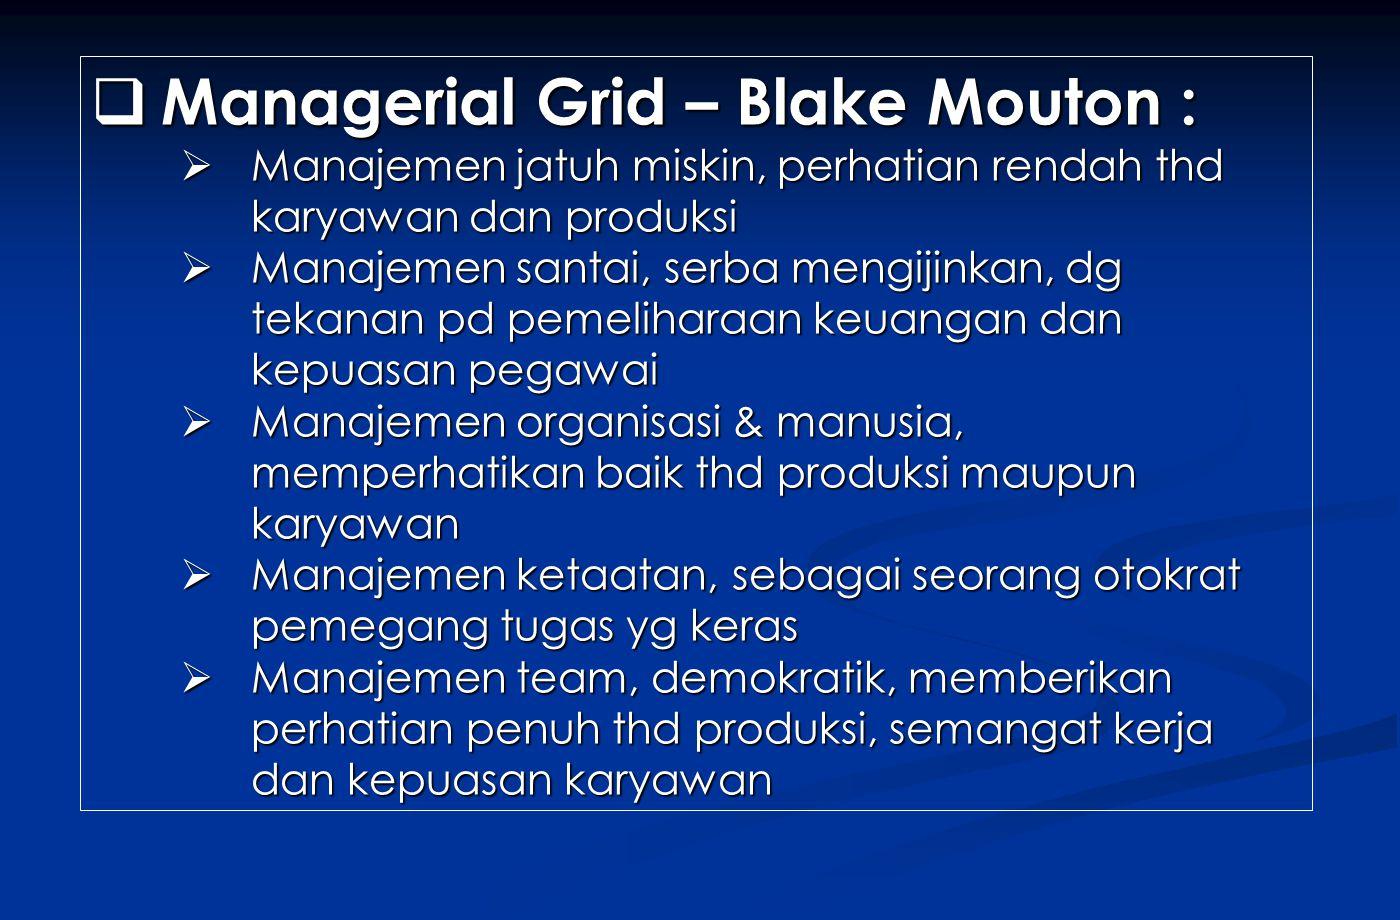 Managerial Grid – Blake Mouton :